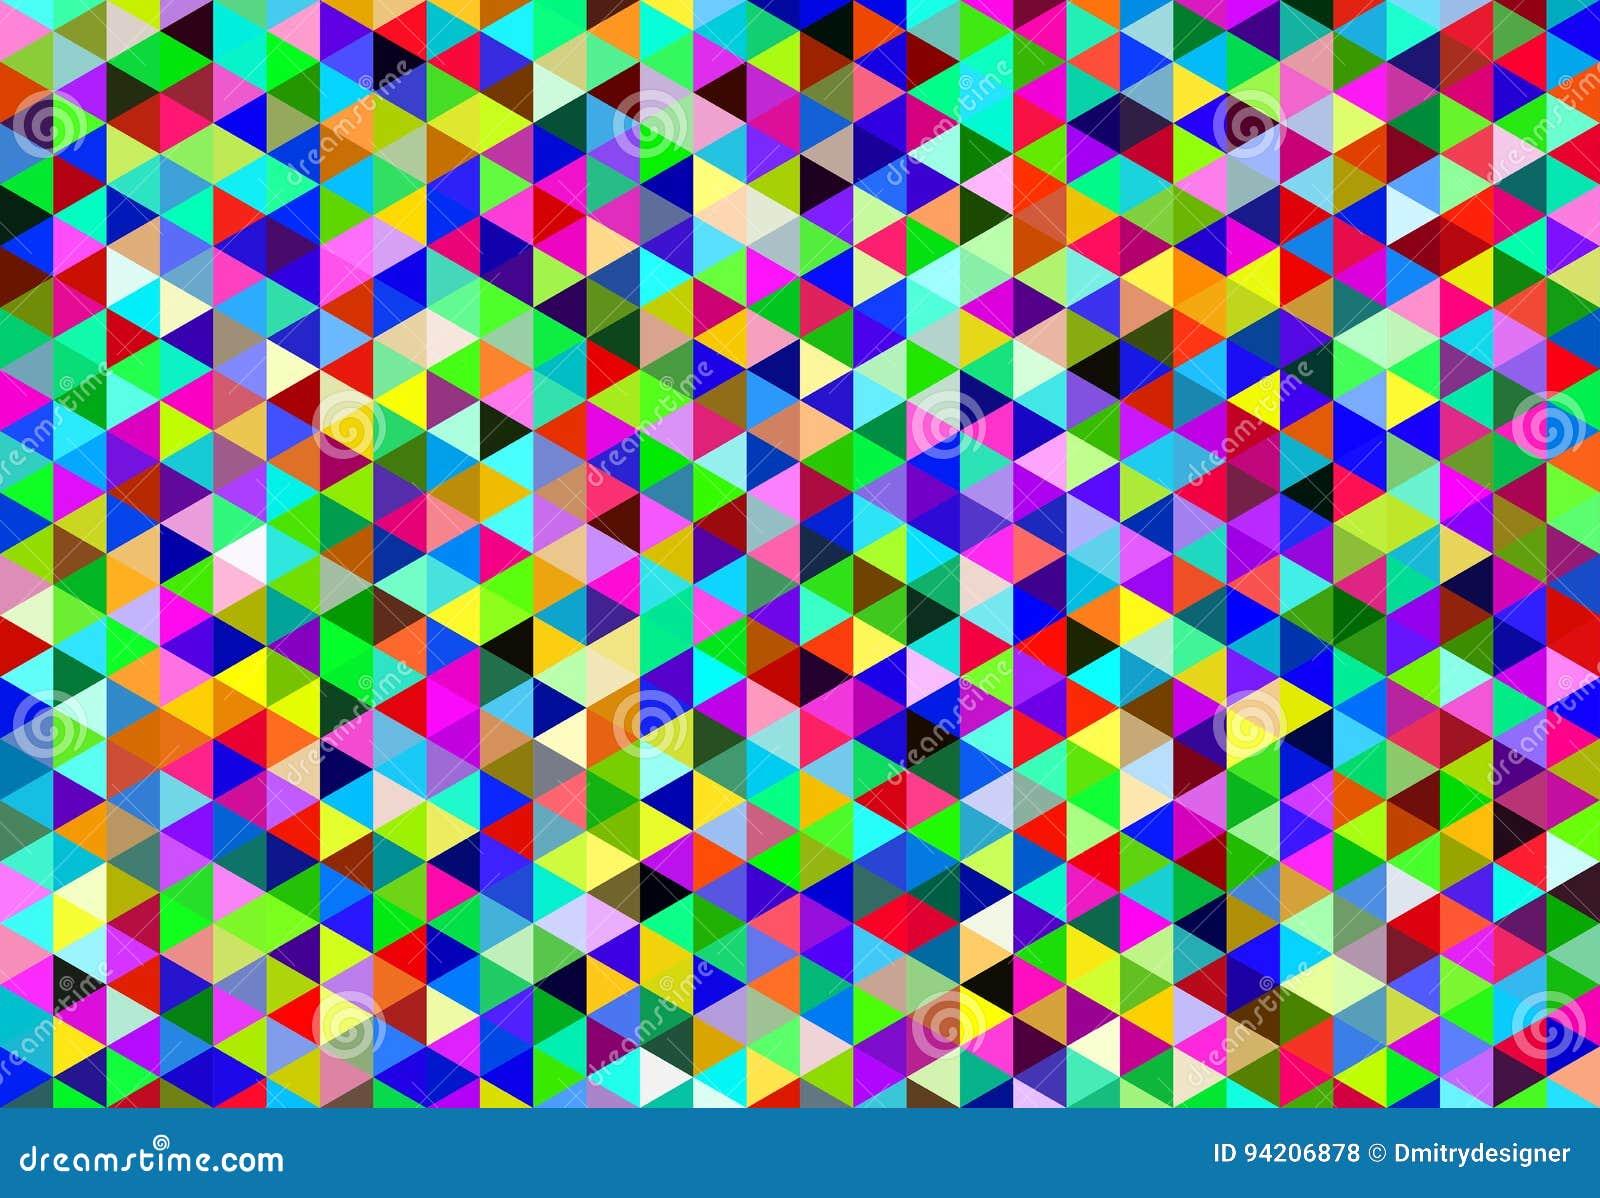 Fondo Retro Abstracto - Triángulo Coloreado Isométrico En Vector ...